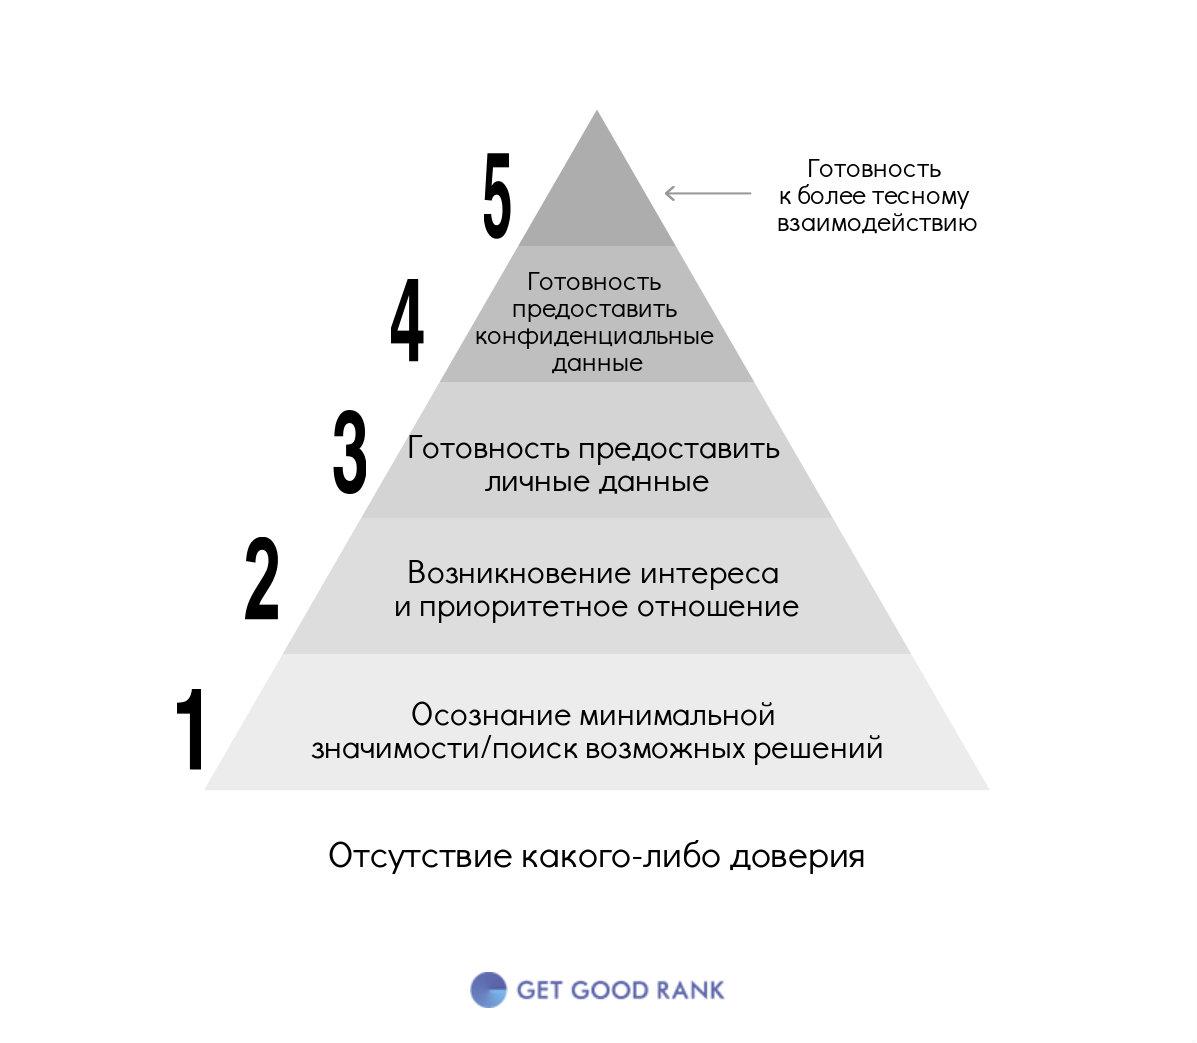 доверие пользователя - пирамида